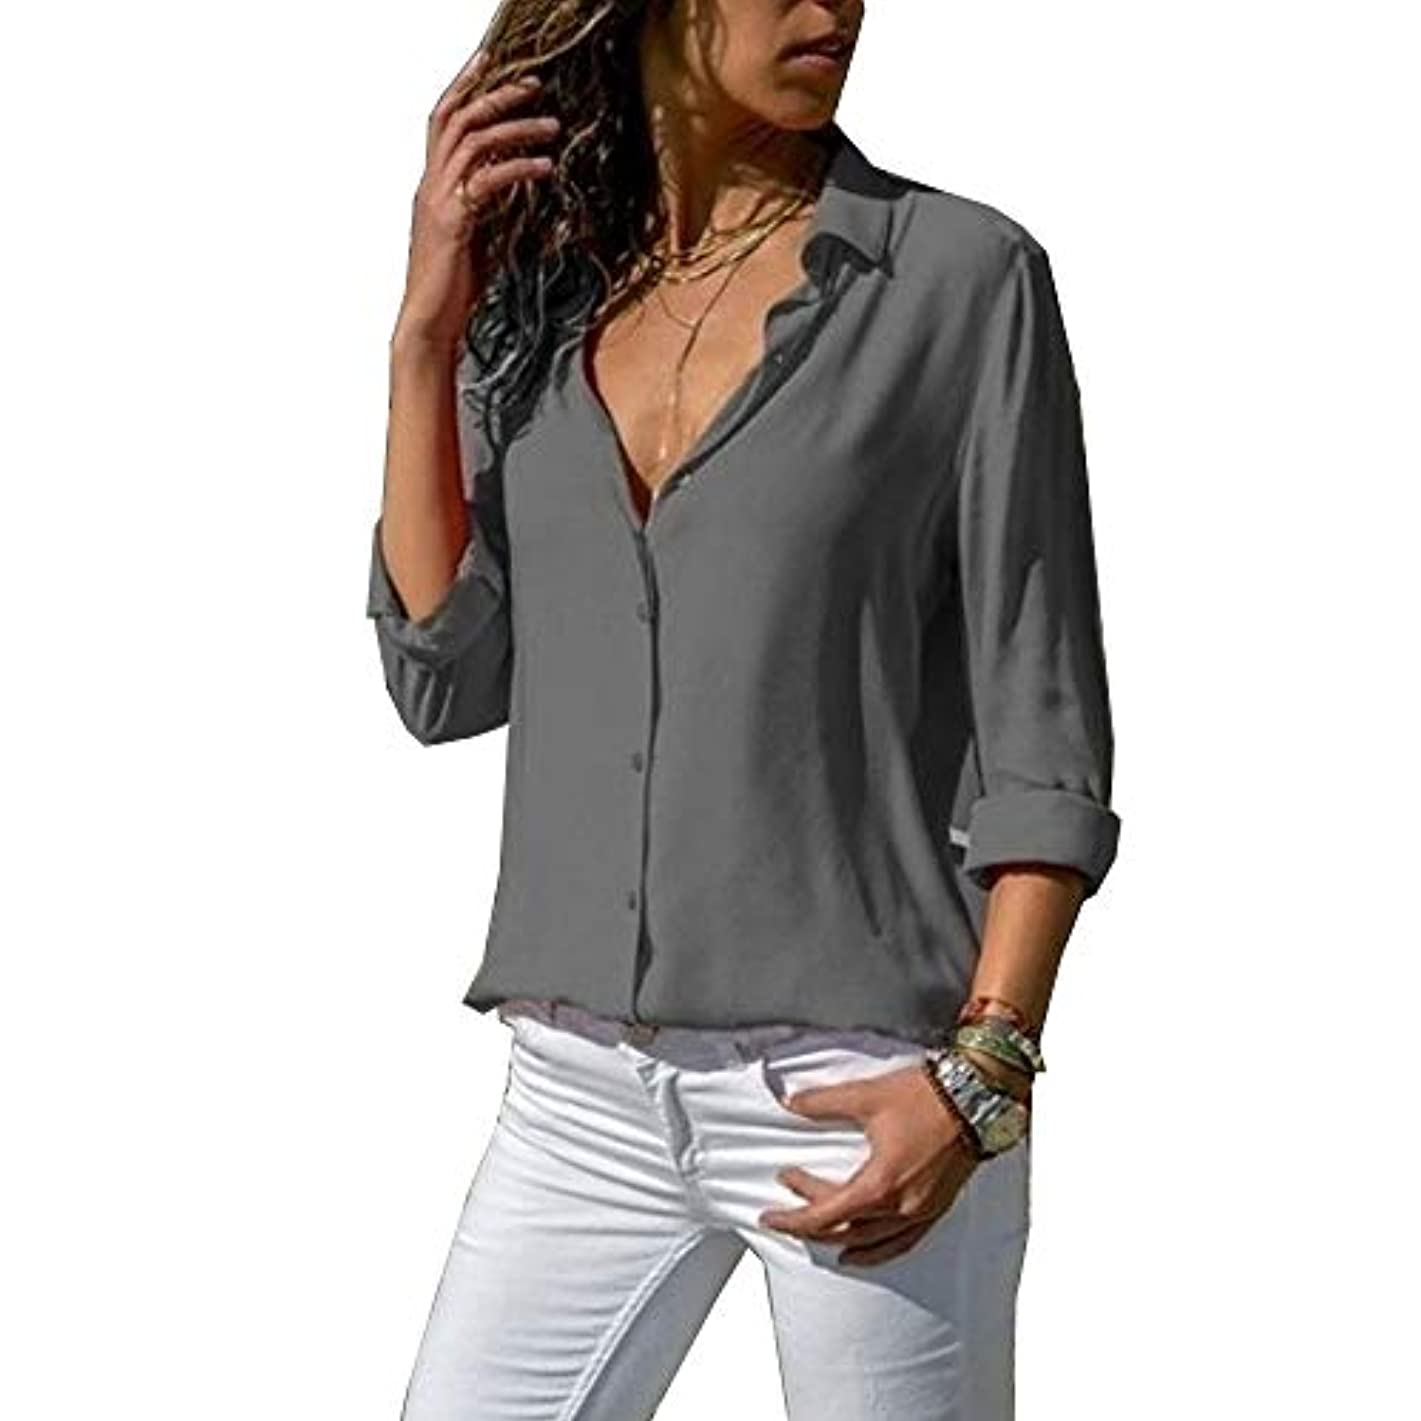 数字答え法令MIFAN ルーズシャツ、トップス&Tシャツ、プラスサイズ、トップス&ブラウス、シフォンブラウス、女性トップス、シフォンシャツ